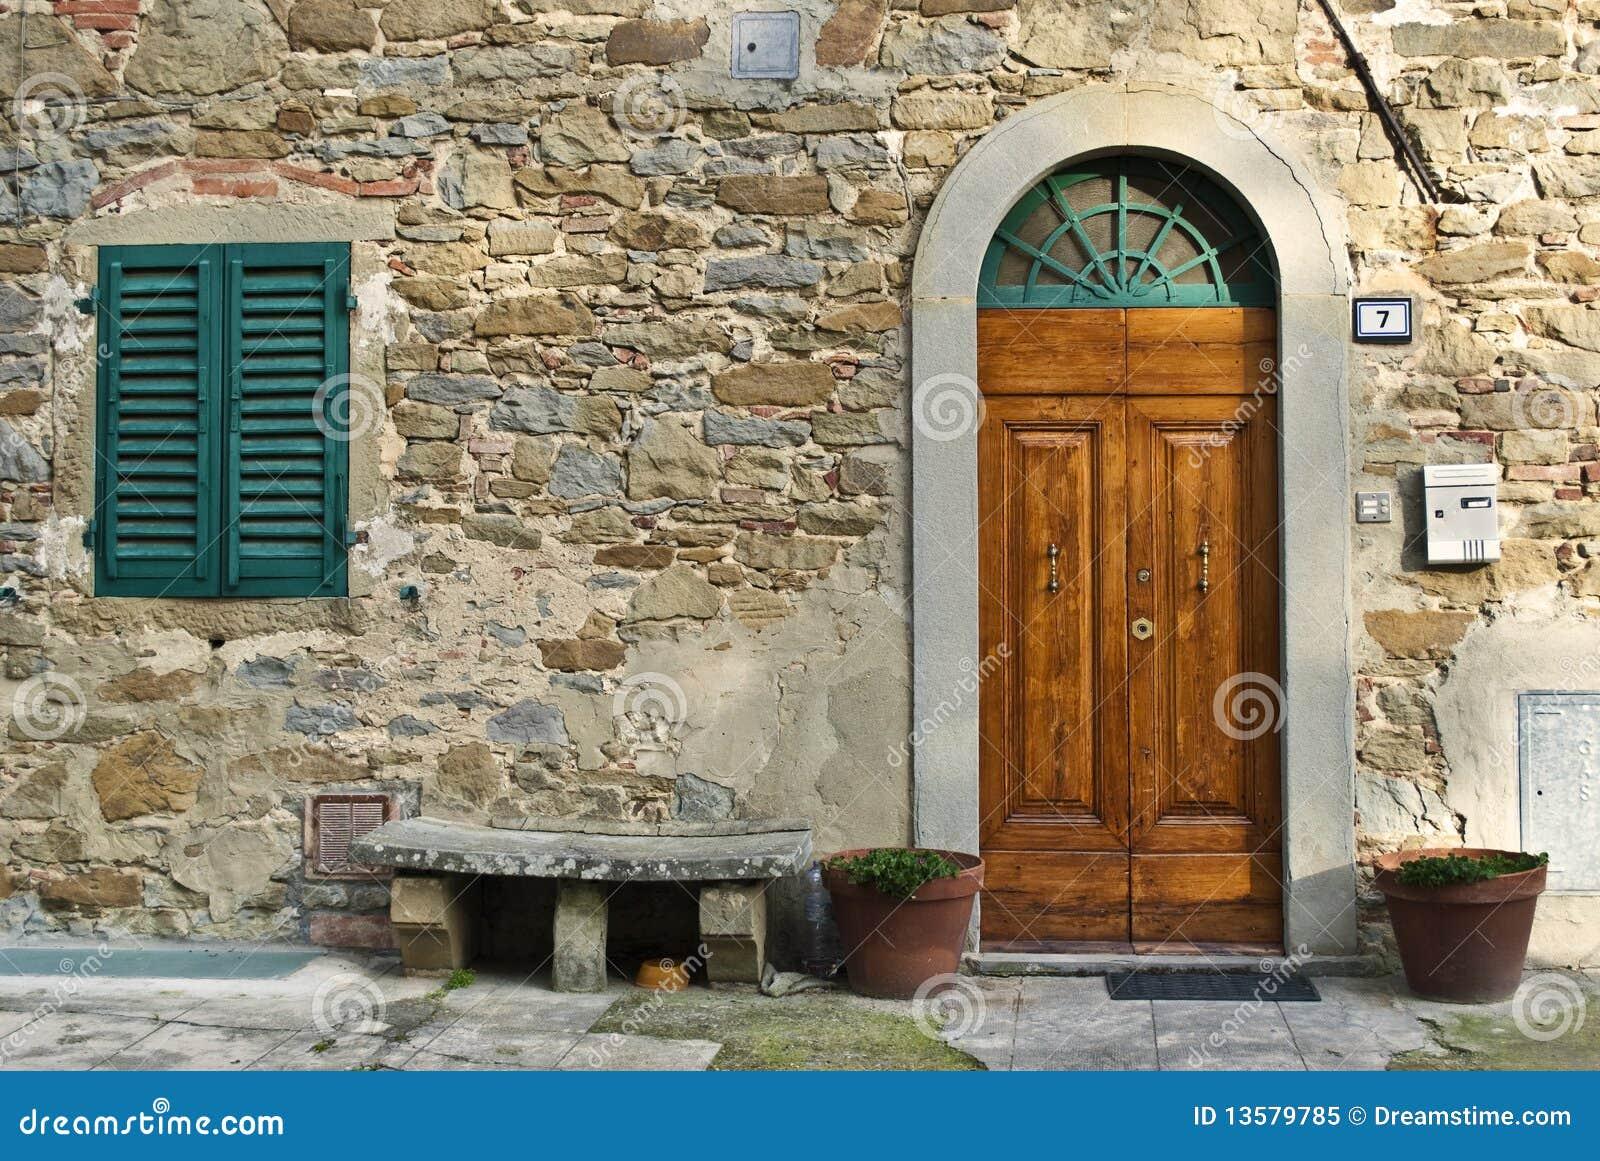 Vintage italian front door - Vintage Italian Front Door Stock Image. Image Of Ancient - 13579785